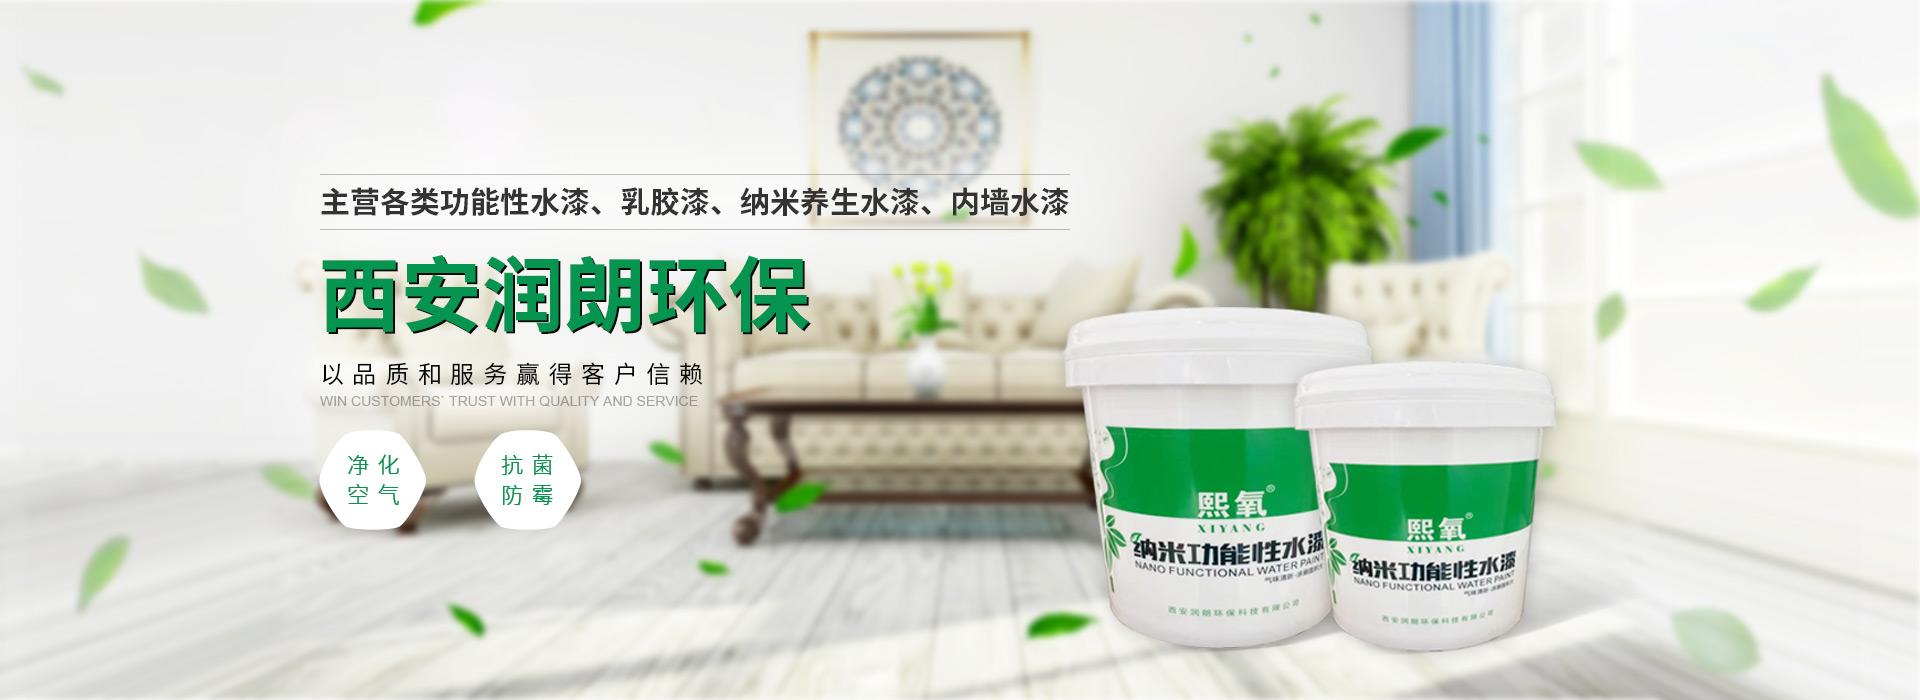 陕西功能性水漆生产